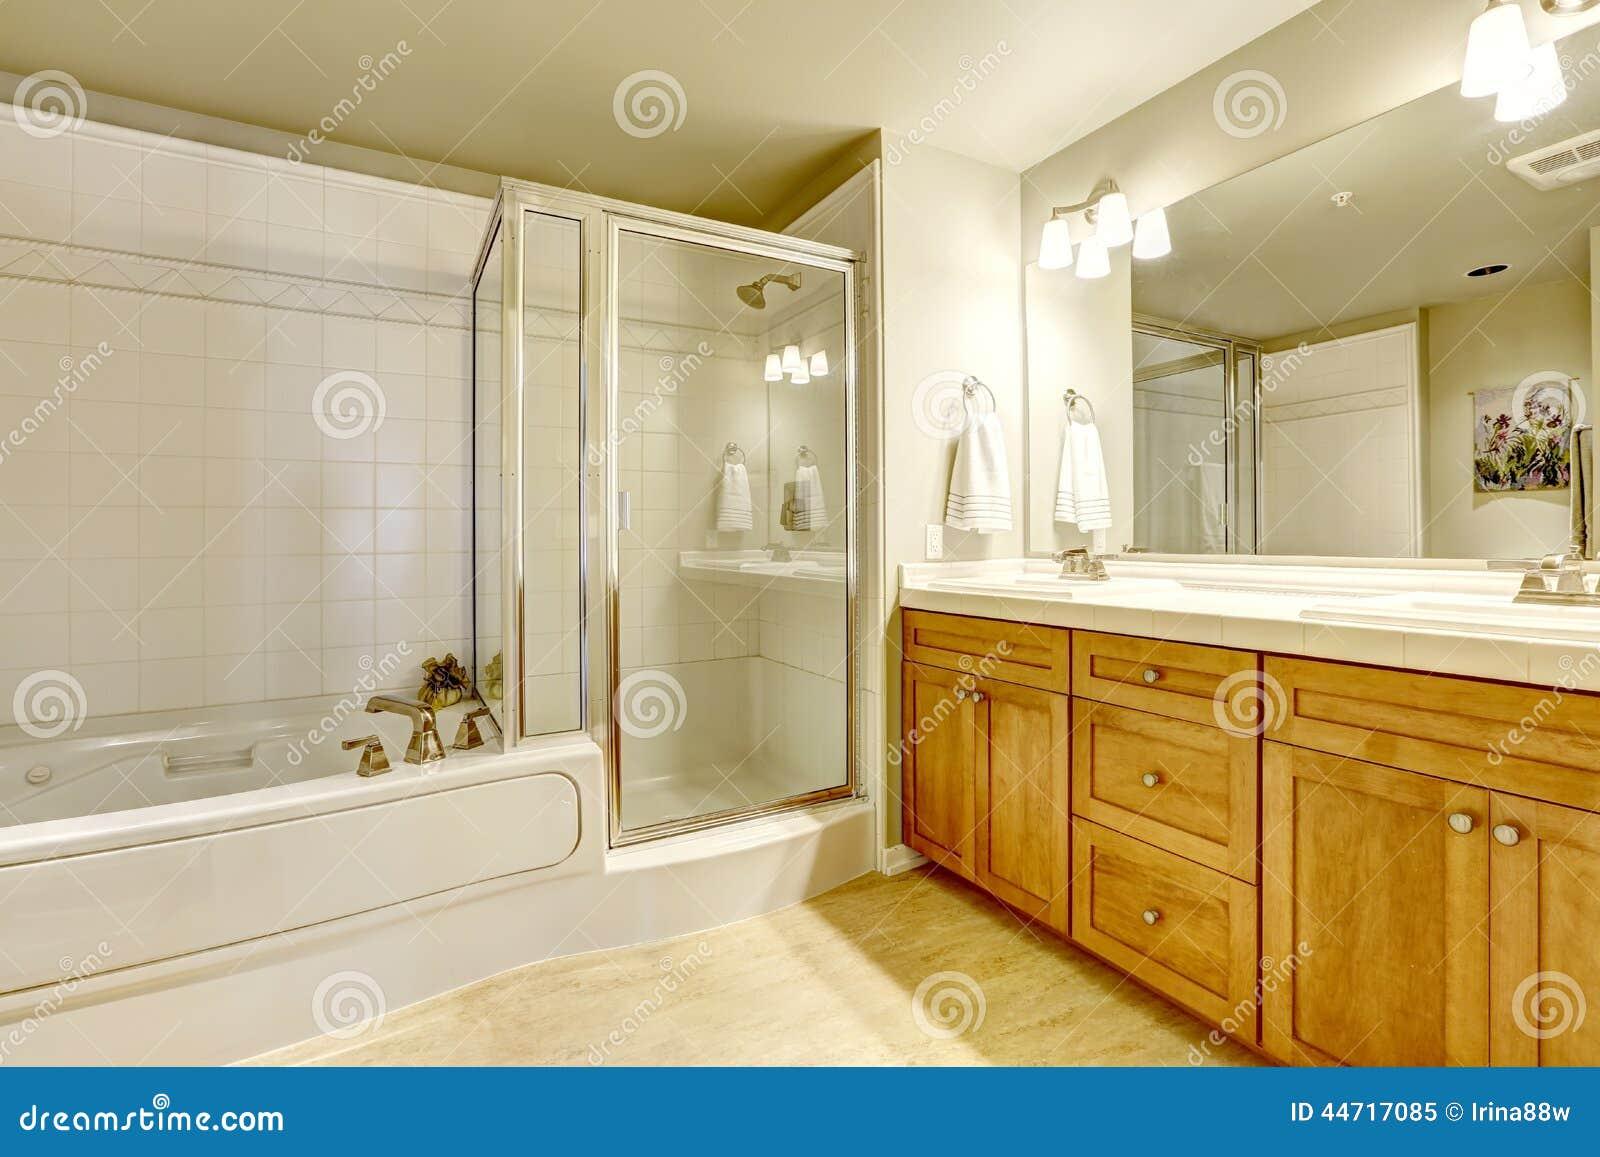 Banheiro Espaçoso Com Banheira E Chuveiro Foto de Stock  Imagem 44717085 -> Banheiro Com Banheira Precisa De Chuveiro